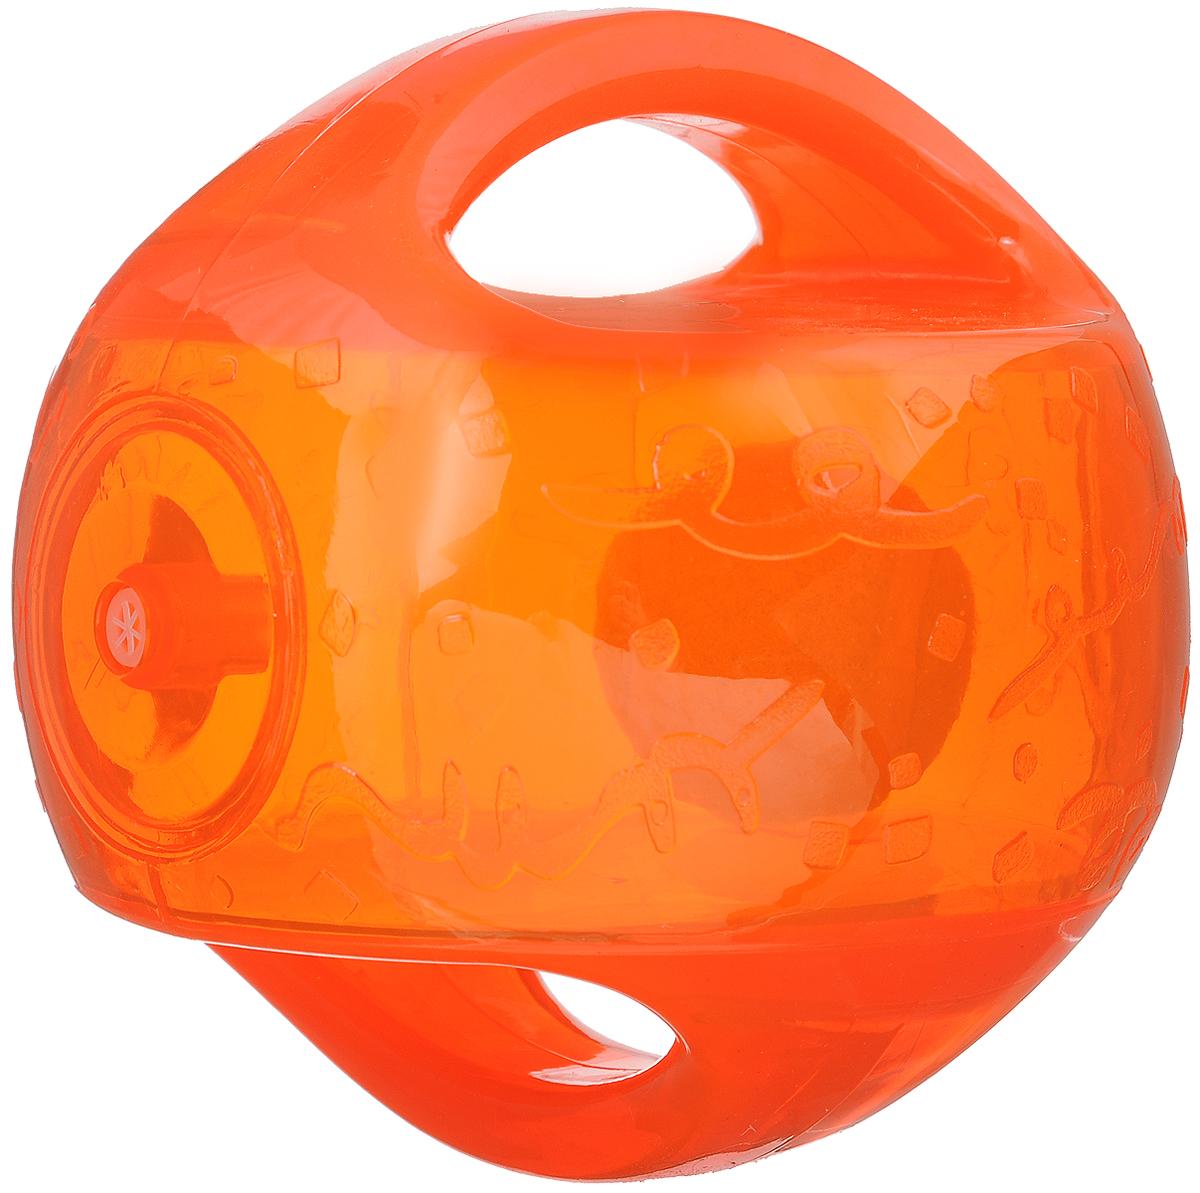 Игрушка для собак Kong Мячик, с пищалкой, цвет: оранжевый. 12 х 12 х 12 смTMB2E_прозрачный, оранжевыйИгрушка для собак Kong Мячик, выполненная из высококачественного каучука, представляет собой мяч 2 в 1. Теннисный мяч, расположенный внутри, гремит и будет привлекать внимание вашего питомца, побуждая достать его. Просто потрясите игрушку. Удобные ручки служат для поднятия. Также изделие оснащено пищалкой. С такой игрушкой вы сможете играть в захватывающие и активные игры с вашей собакой. Она прекрасно подходит для животных среднего и крупного размера, с сильными челюстями и для использования в качестве дрессировочного предмета.